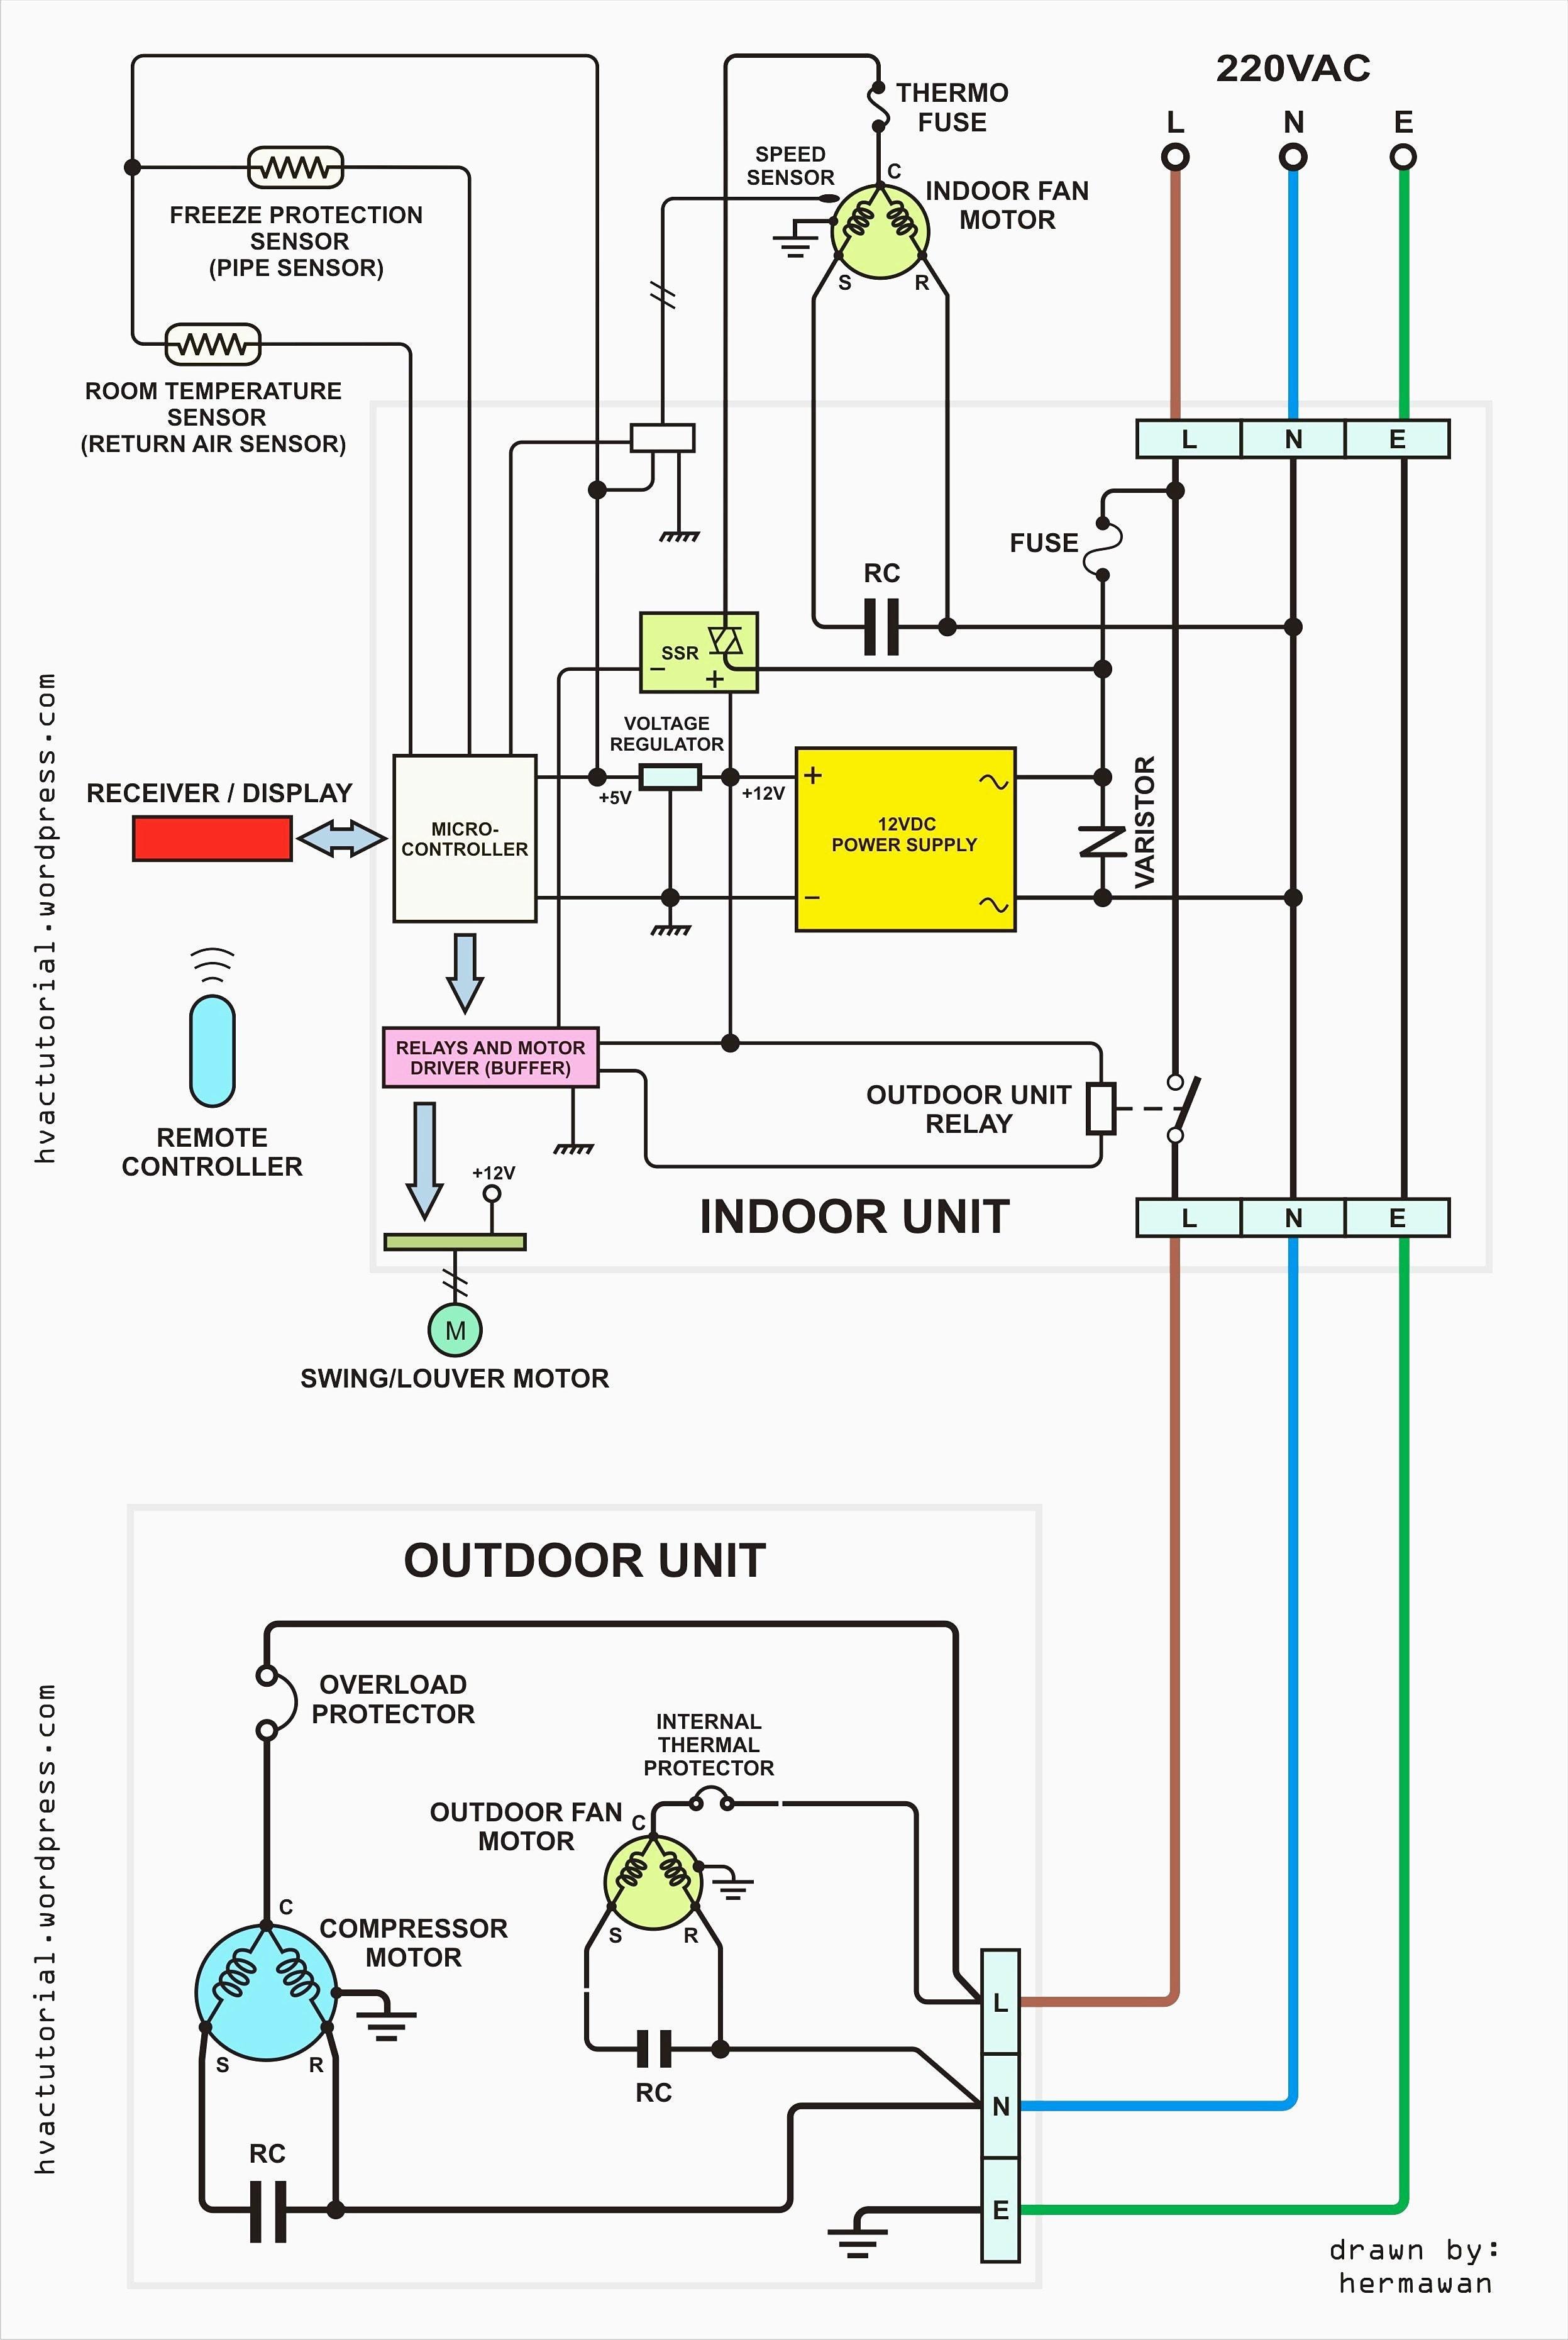 How To Wire A 240V Air Compressor Diagram Book Of Pressor Wiring - Air Compressor Wiring Diagram 240V